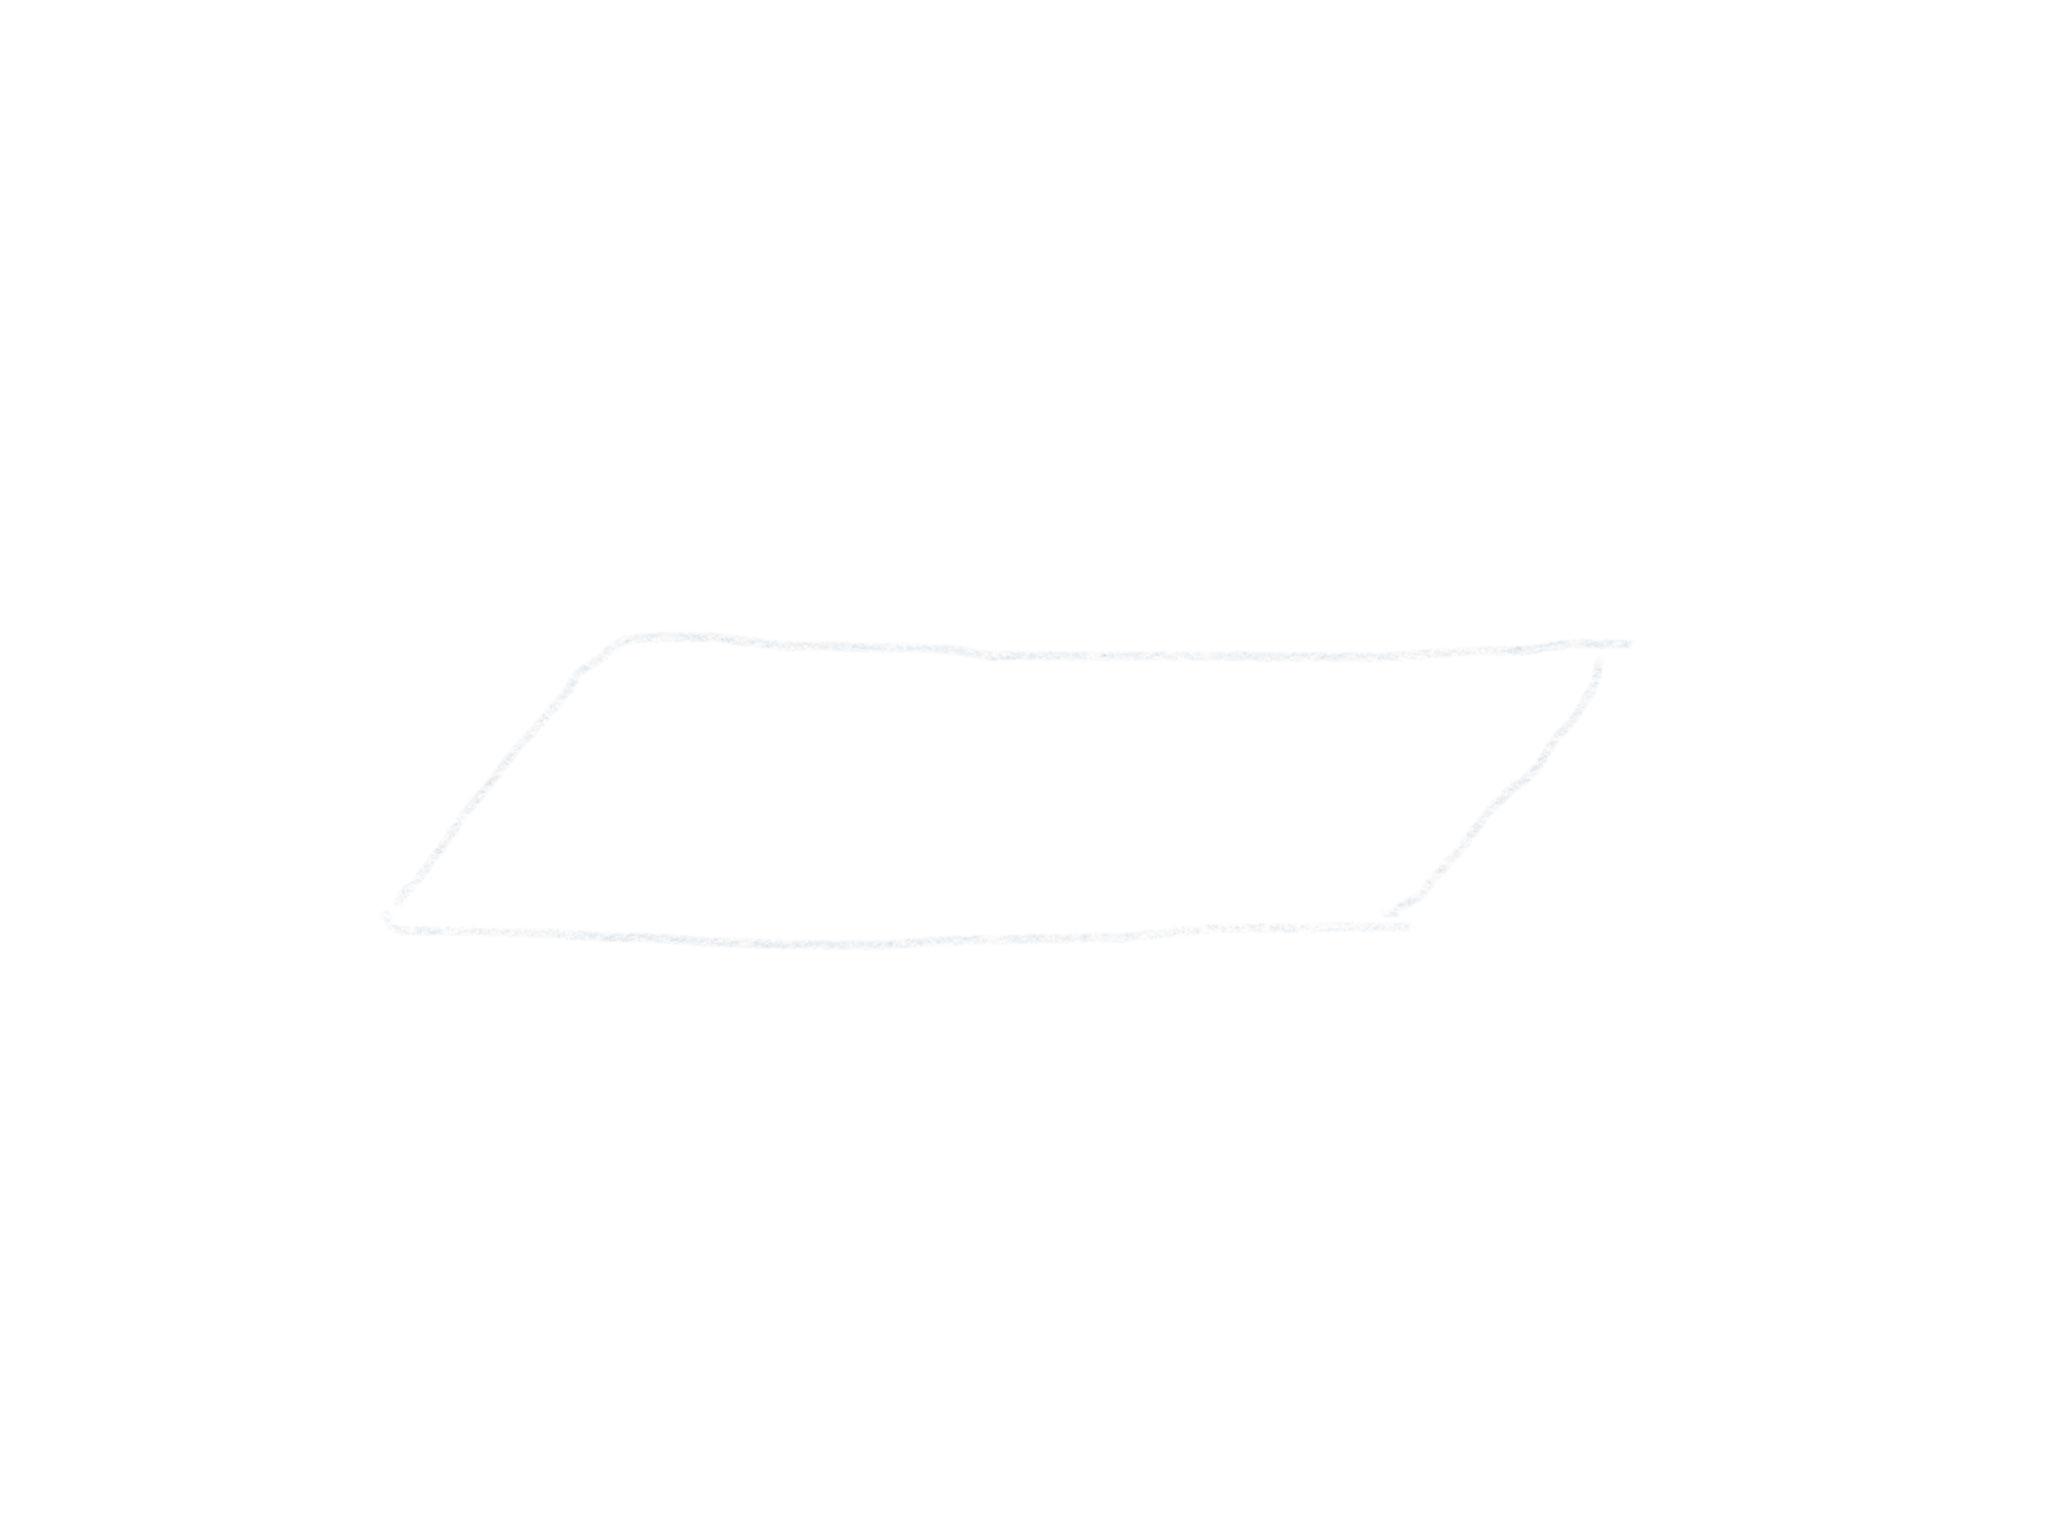 Flugzeug Zeichnen v01